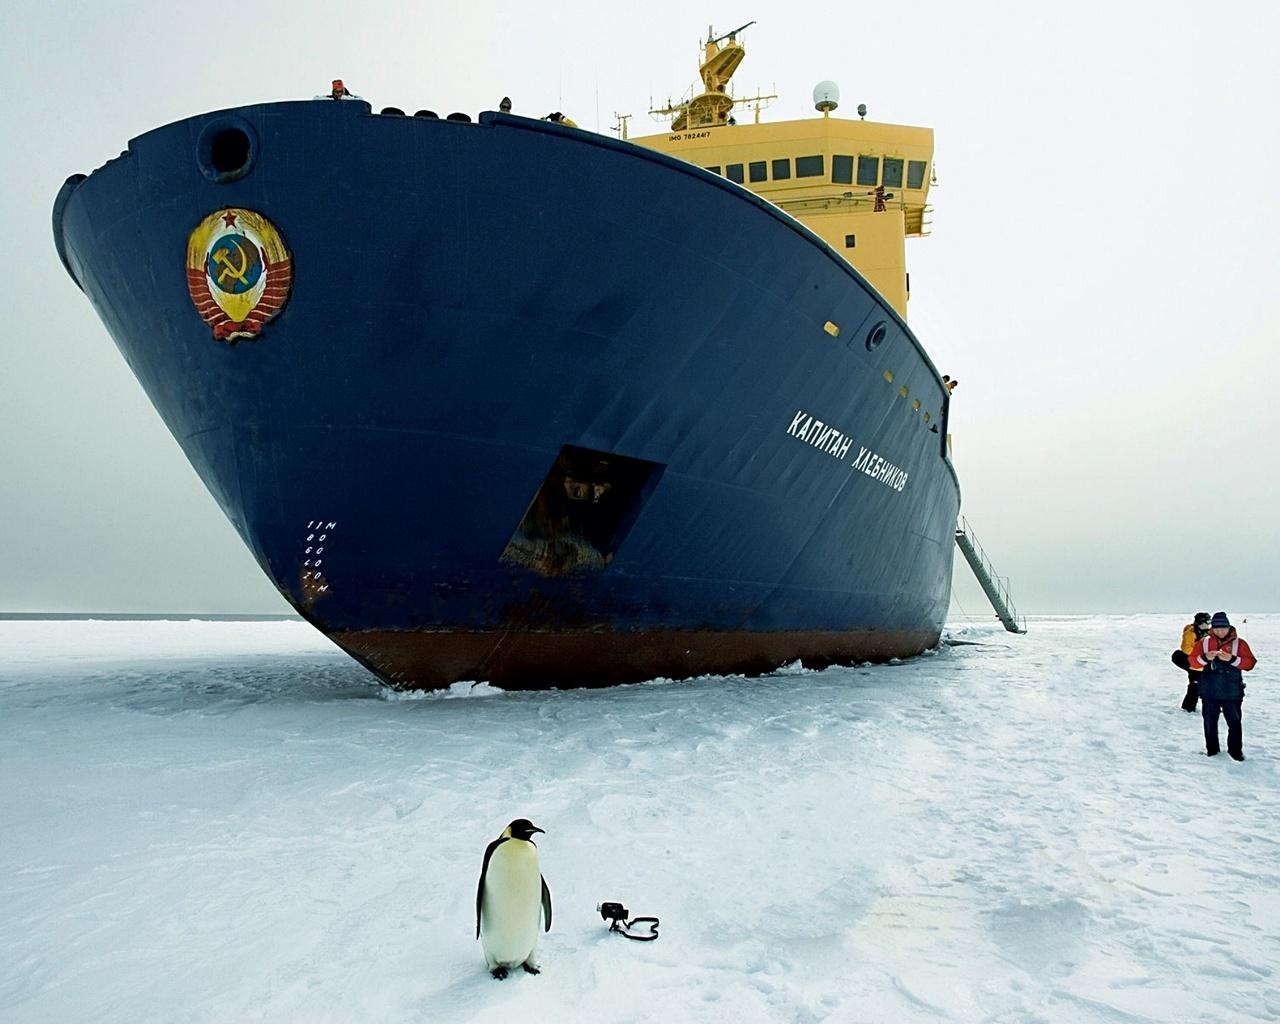 это прикольные картинки про корабли новой фотографии